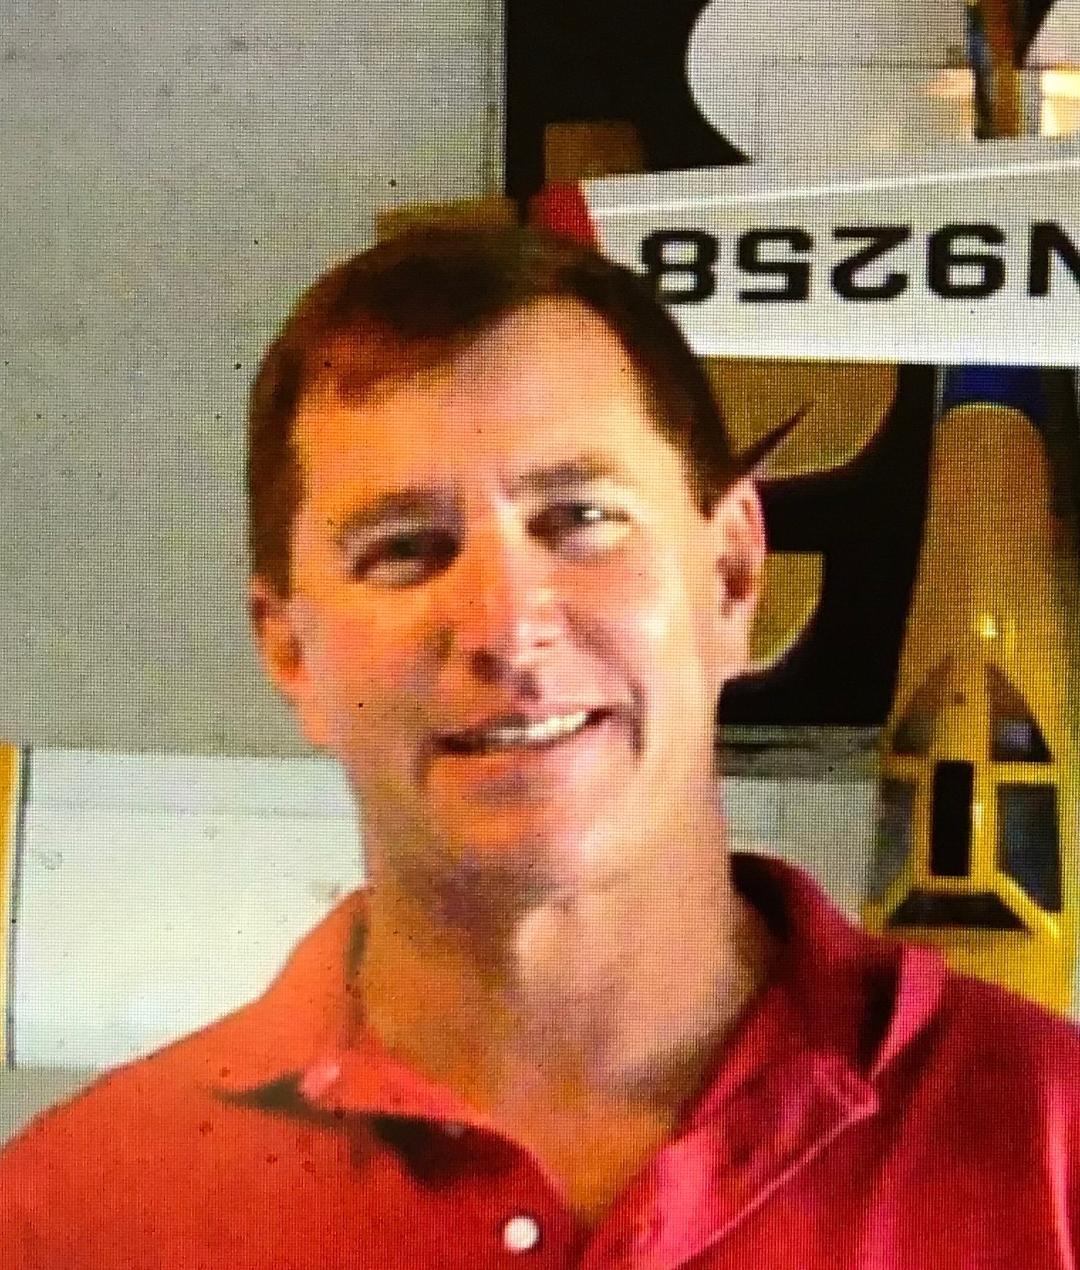 Andrew Reichenberger